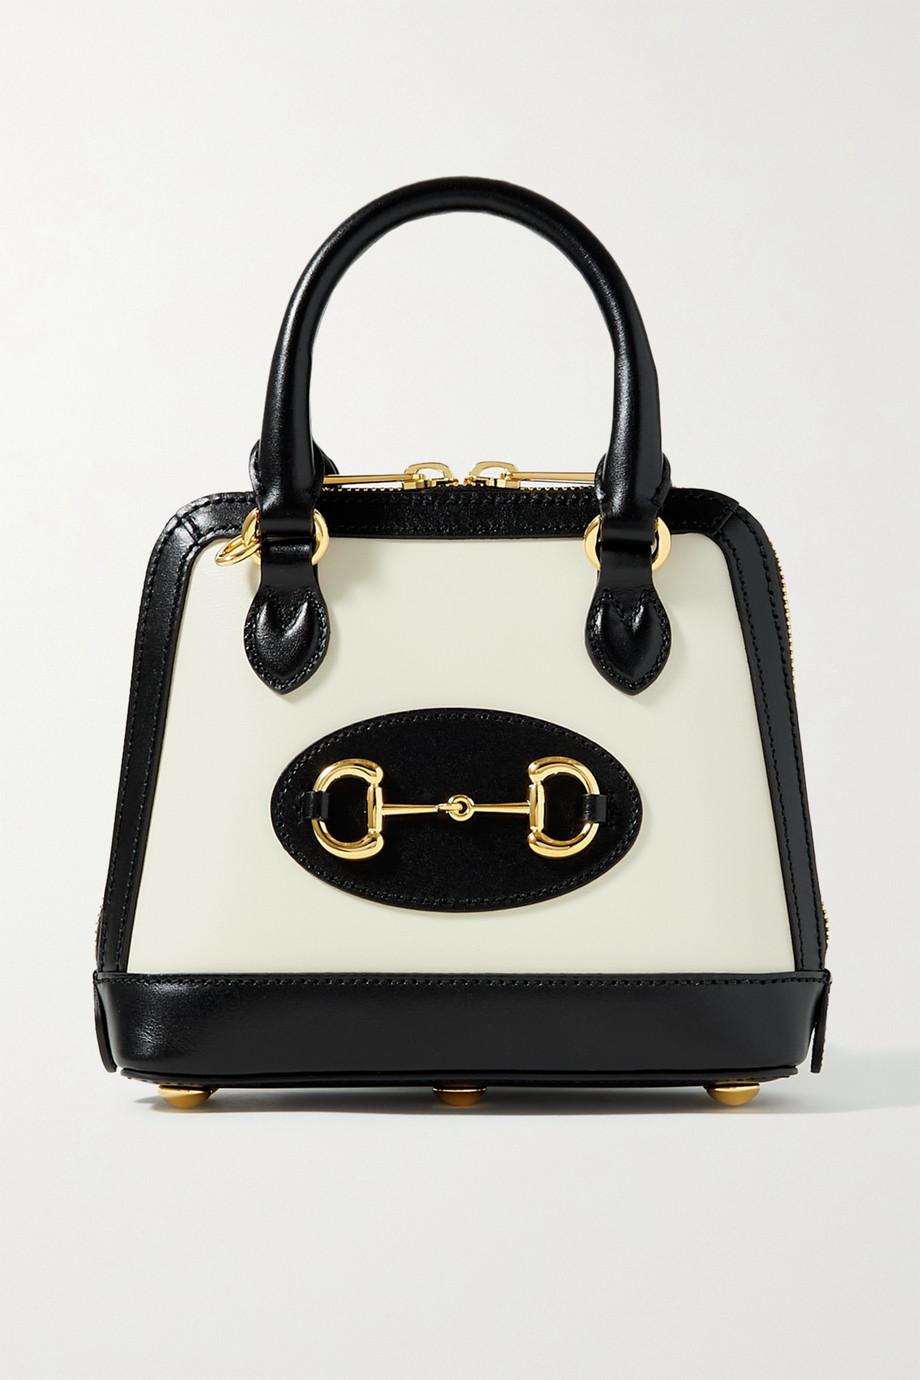 Gucci Sac à main en cuir bicolore Horsebit 1955 Mini